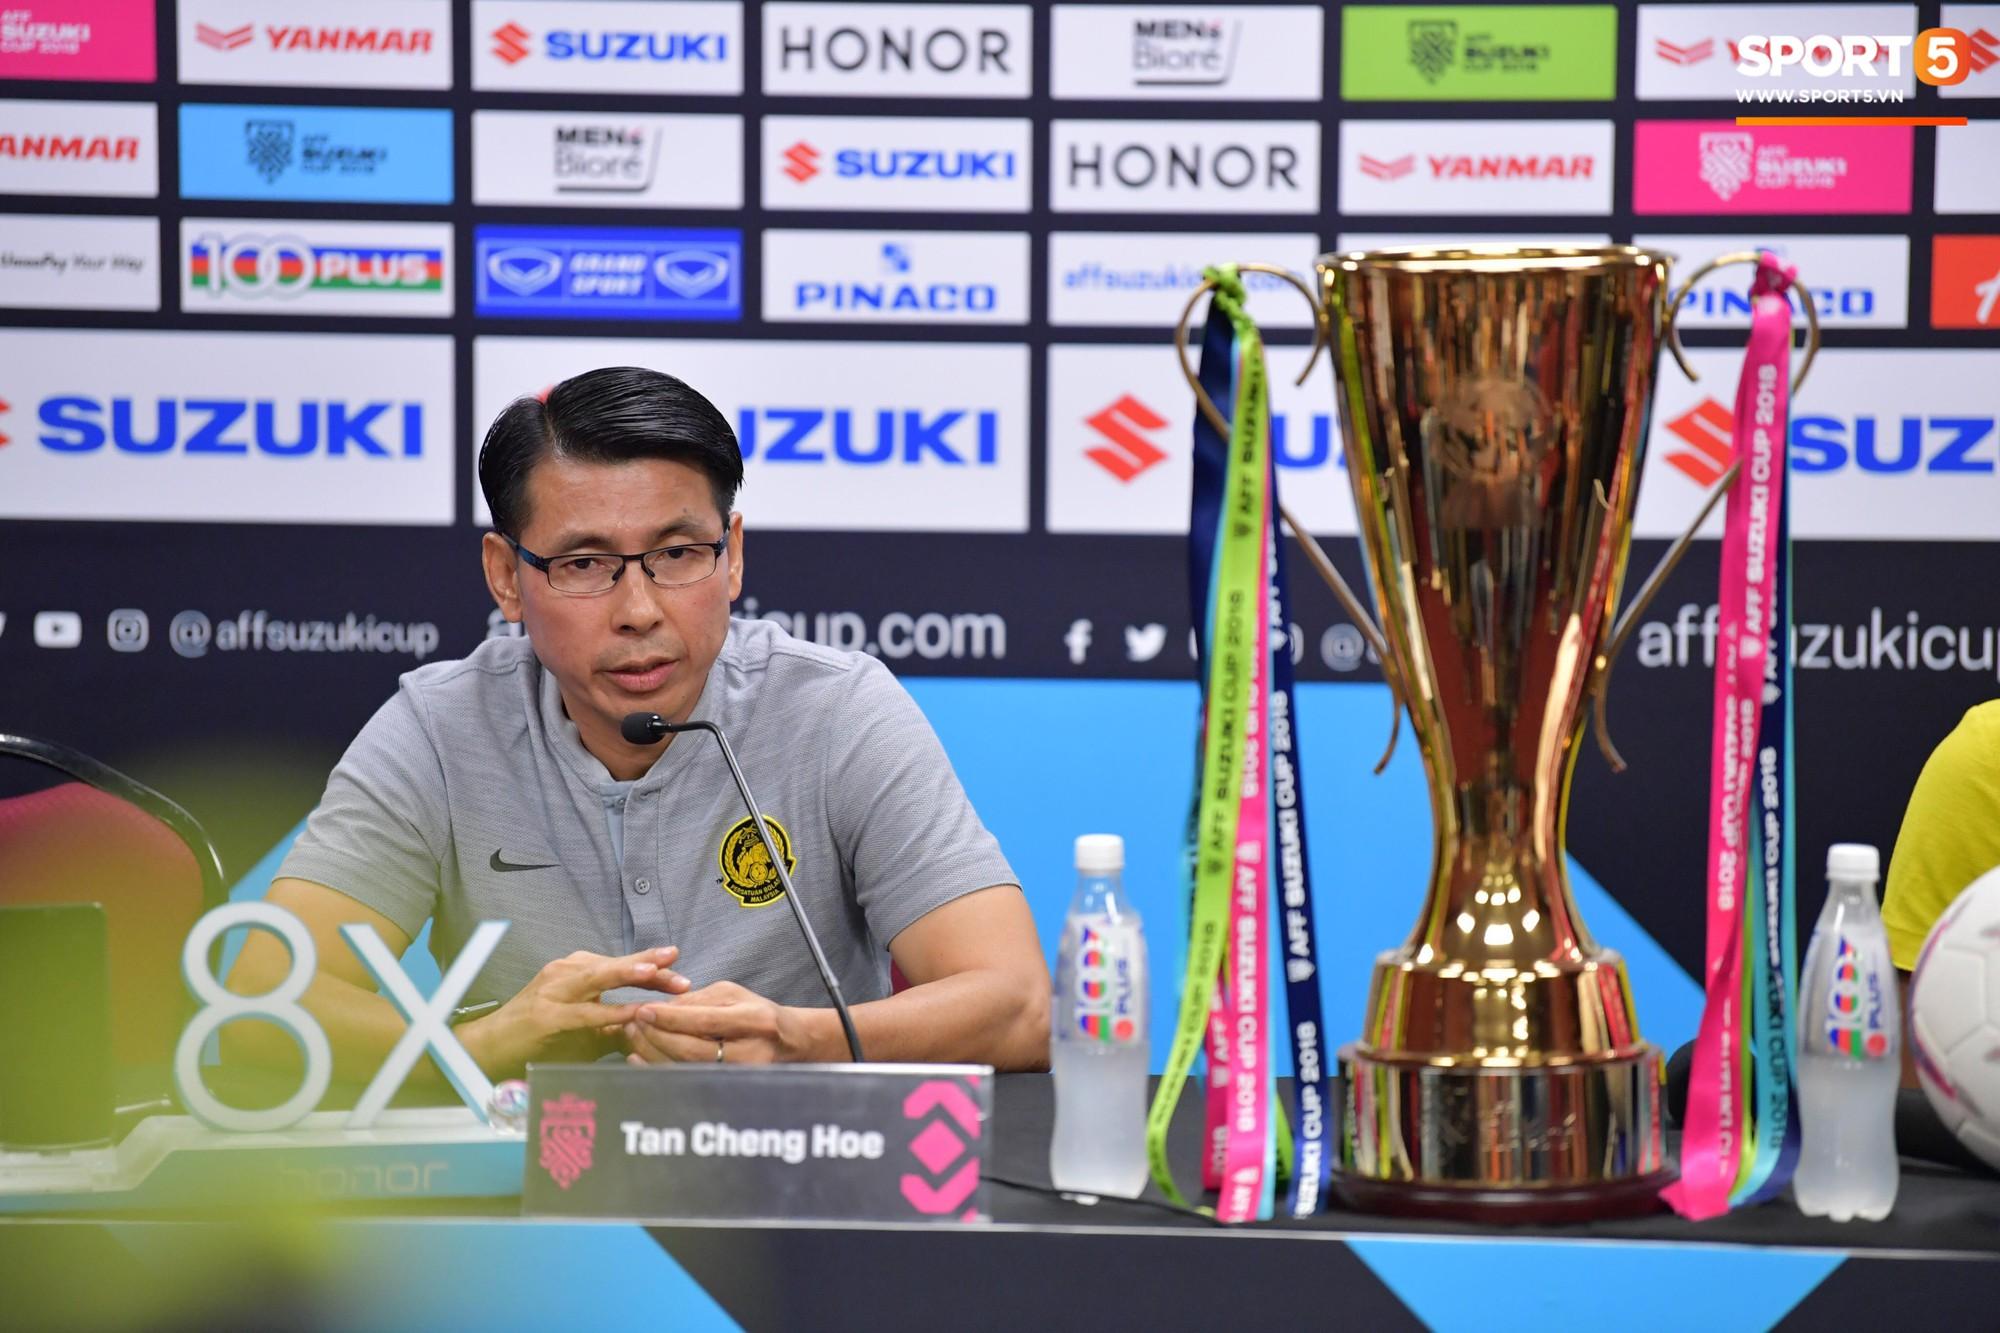 HLV Malaysia: Chung bảng Việt Nam, Thái Lan tại vòng loại World Cup chỉ sướng CĐV Đông Nam Á-1